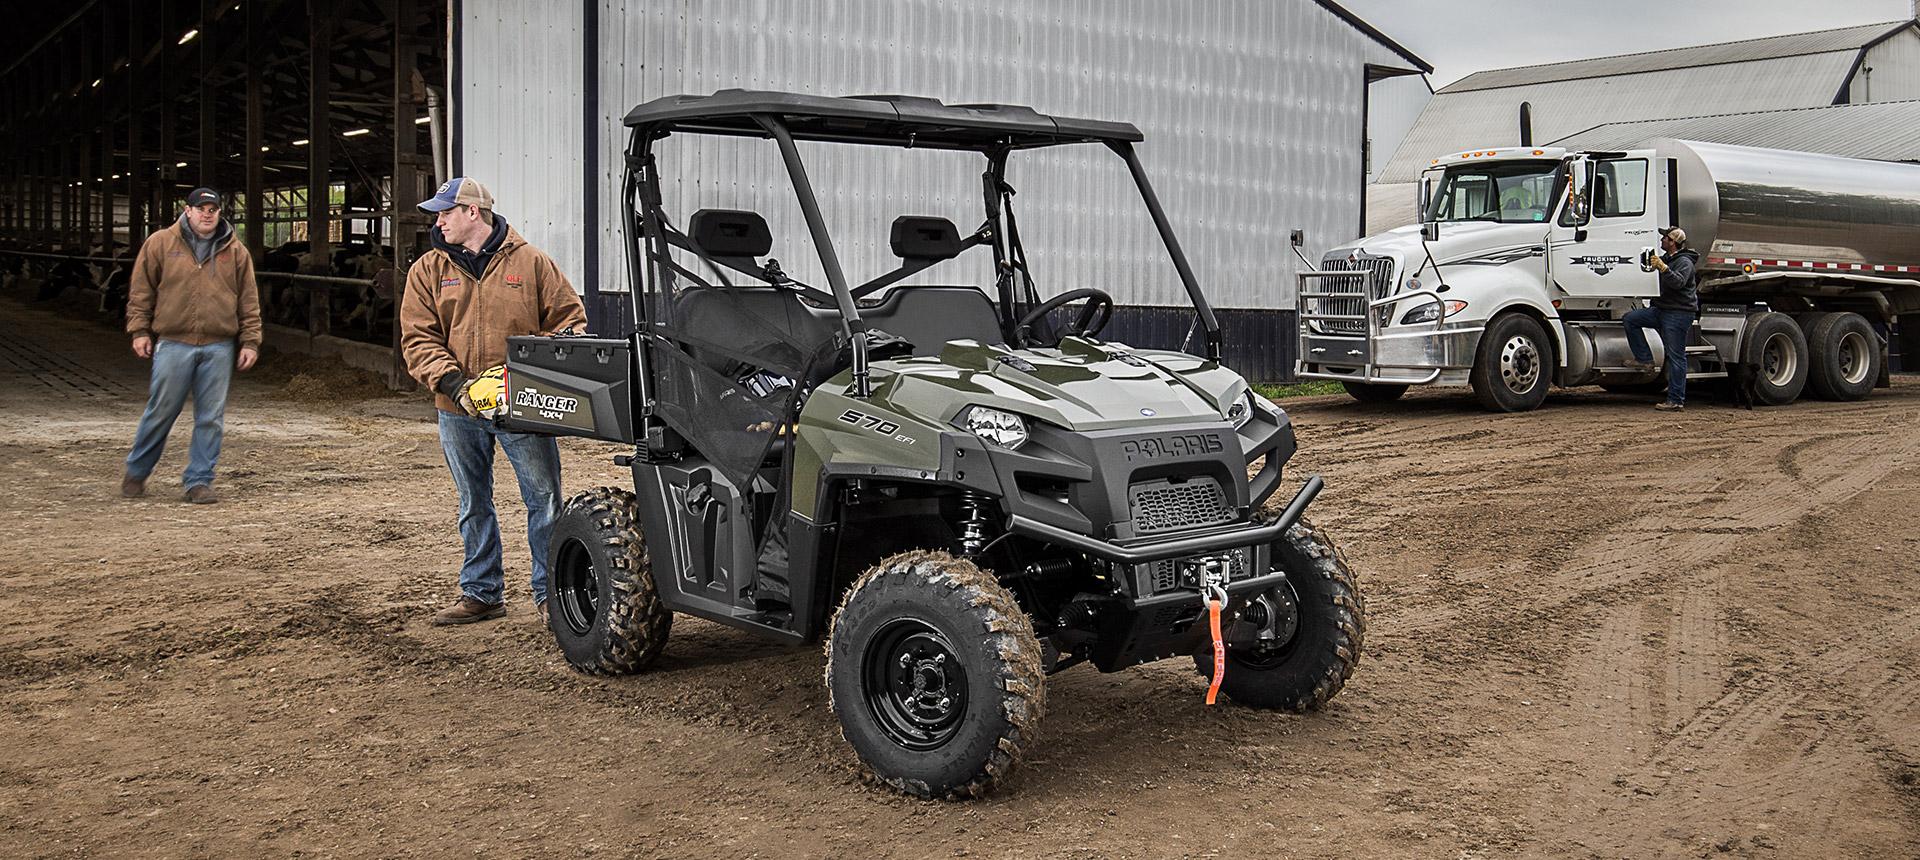 RANGER 570 Full-Size